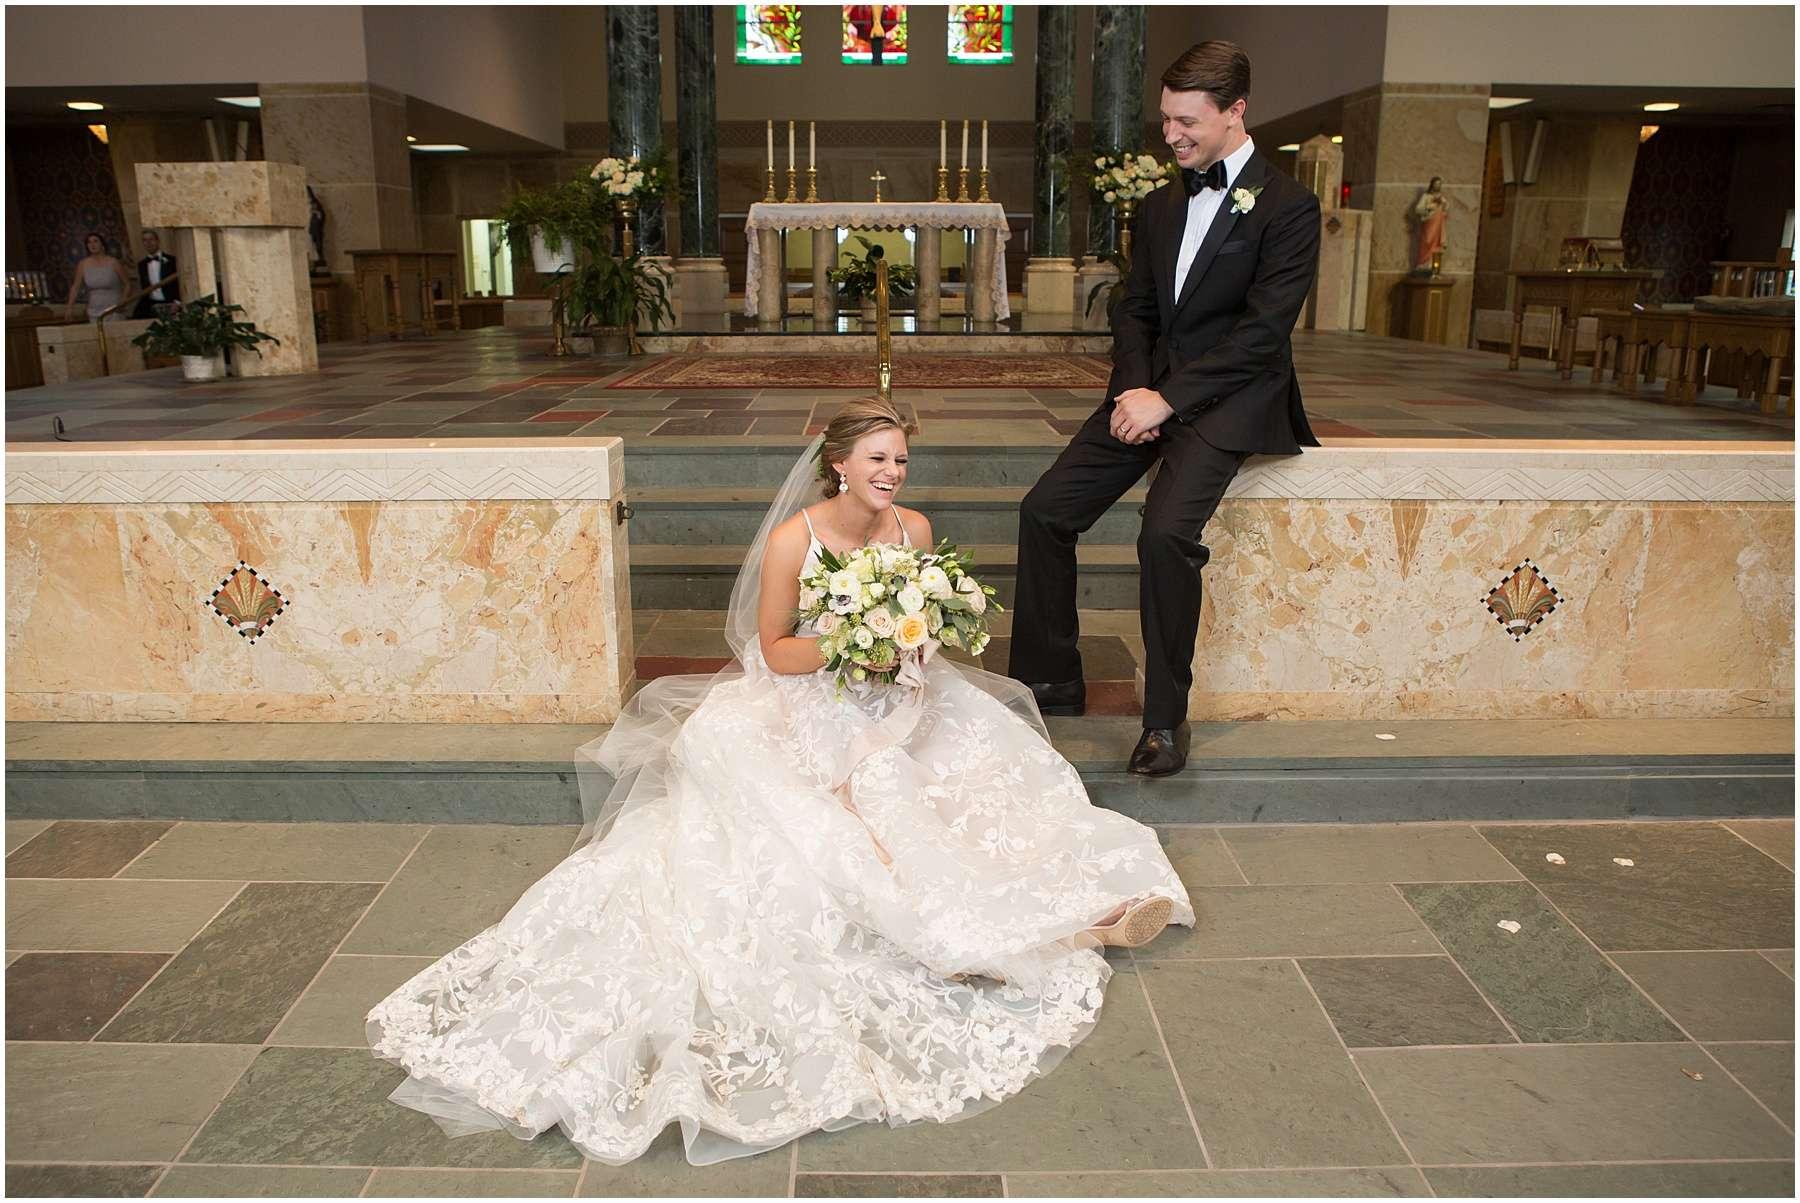 Wedding at the Ohio Statehouse | Columbus Ohio Weddings 138